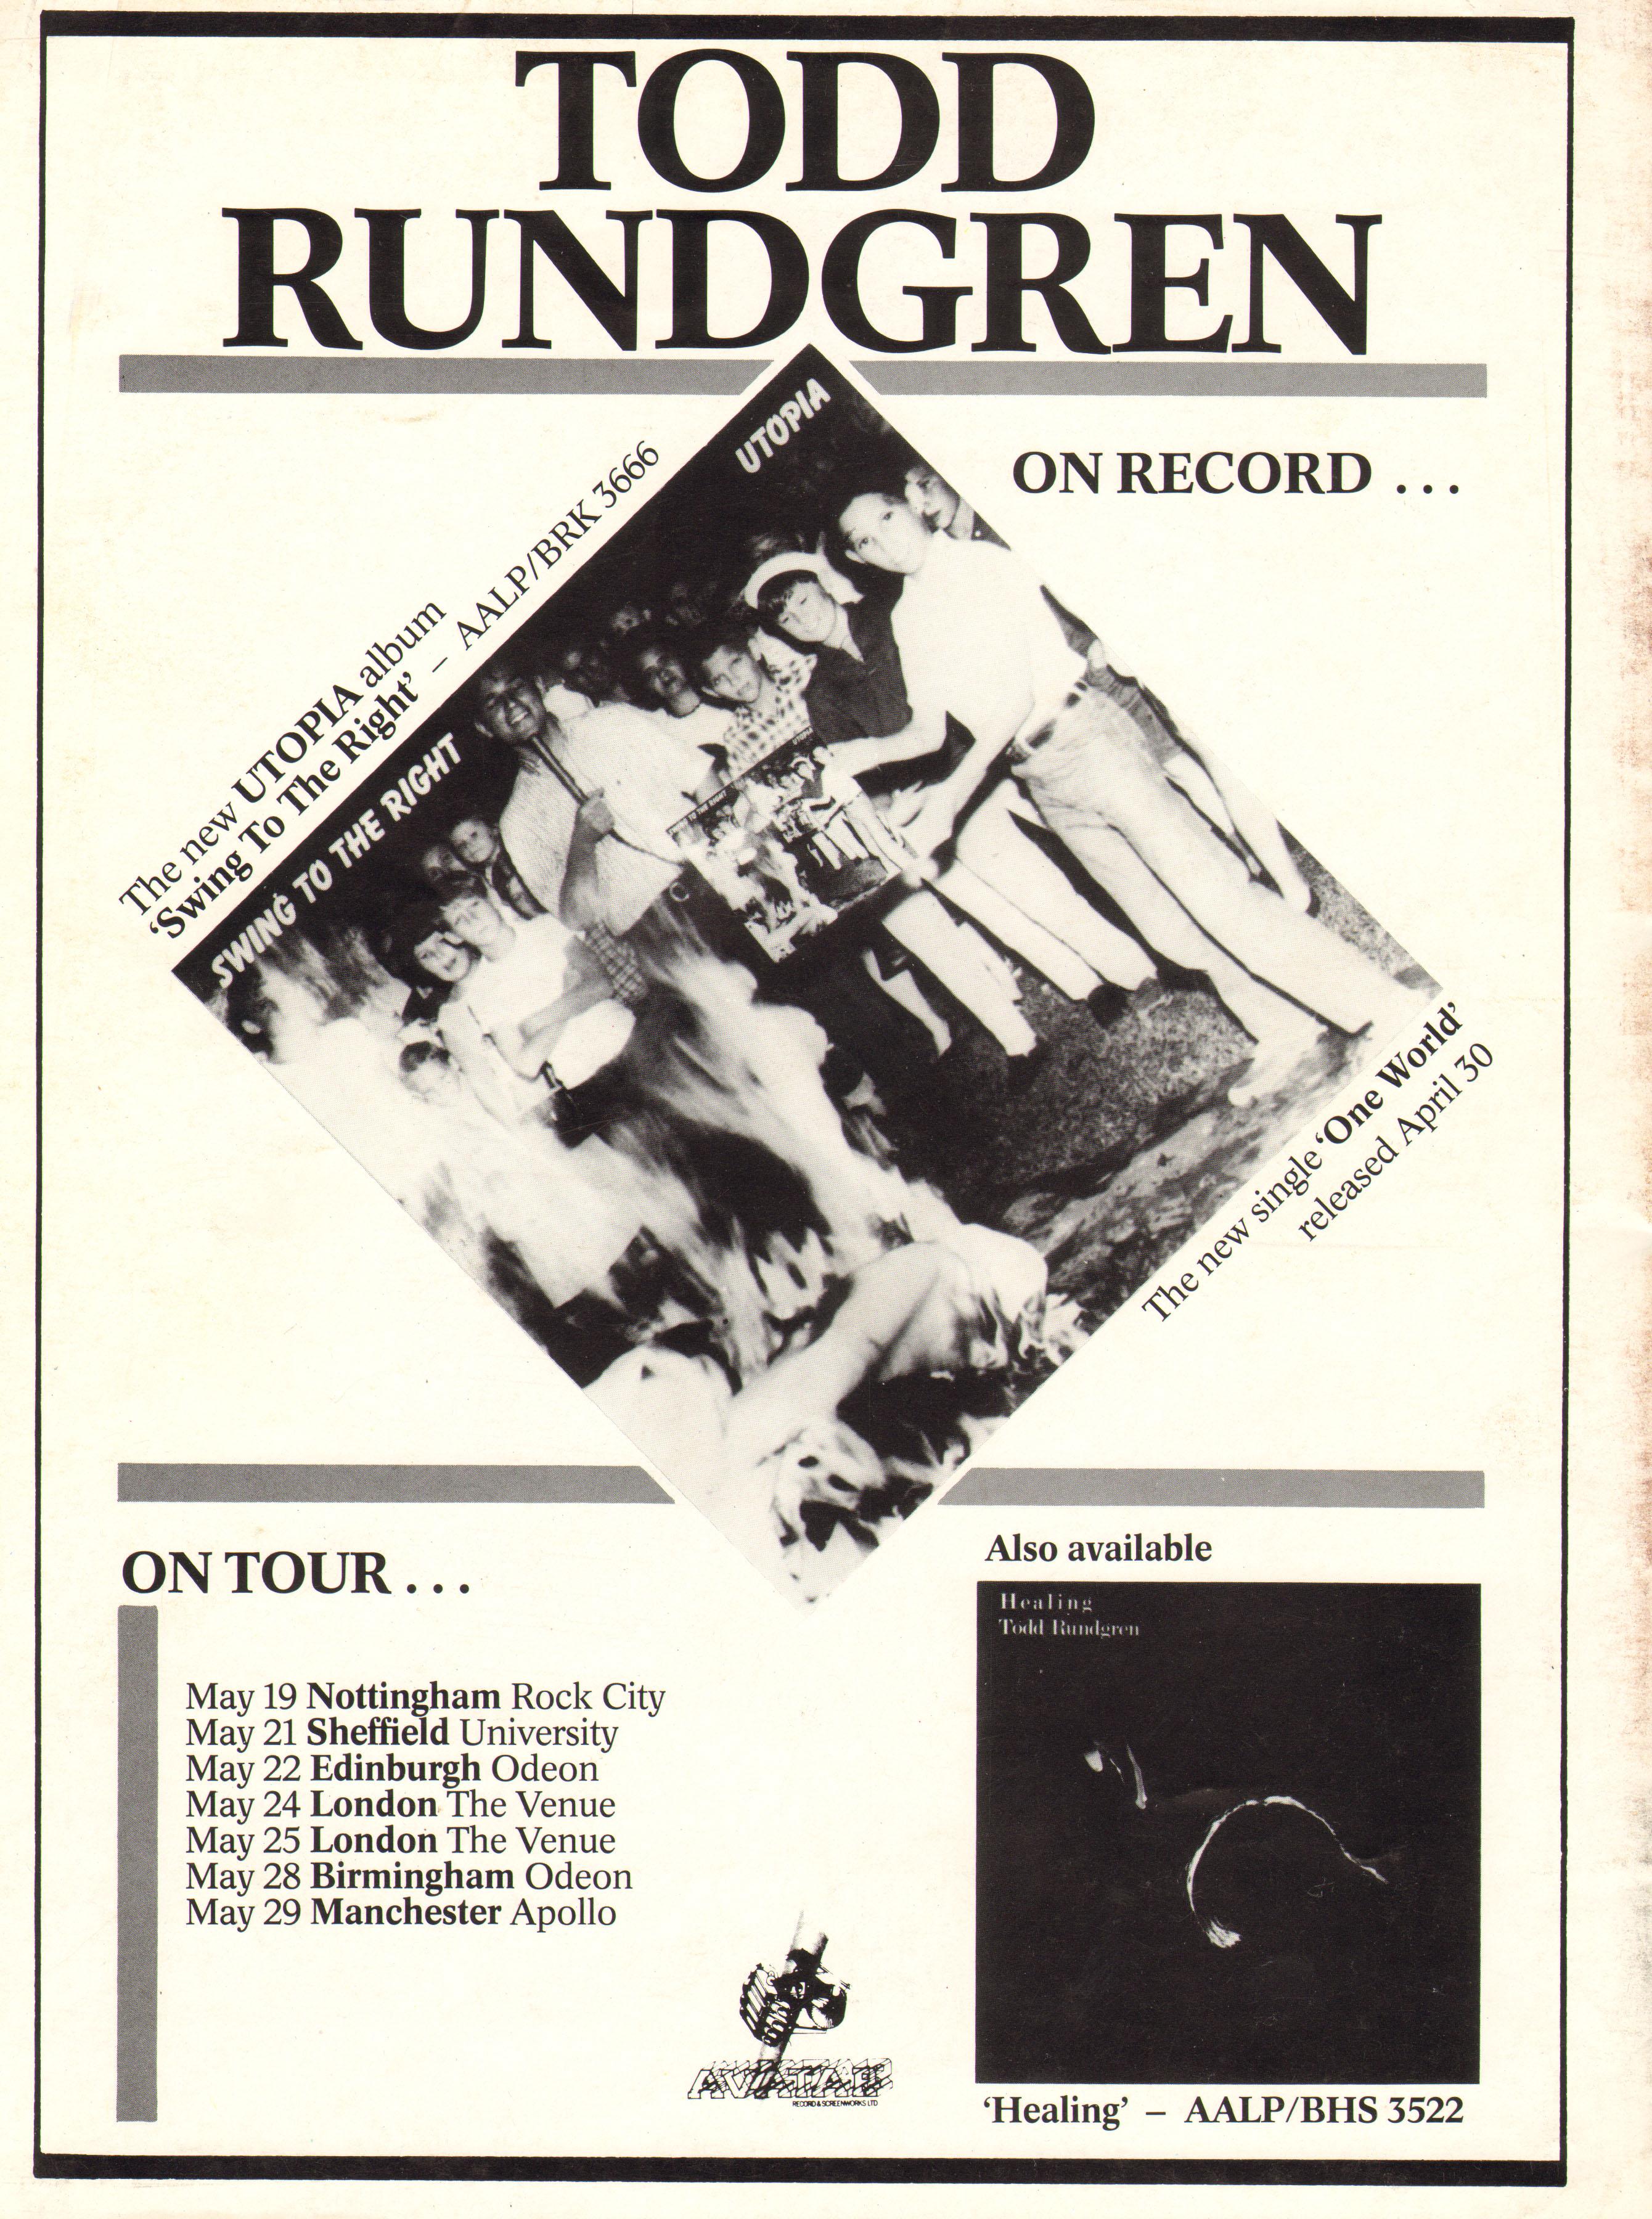 ToddRundgren1982-05-19RockCityNottinghamUK.jpg